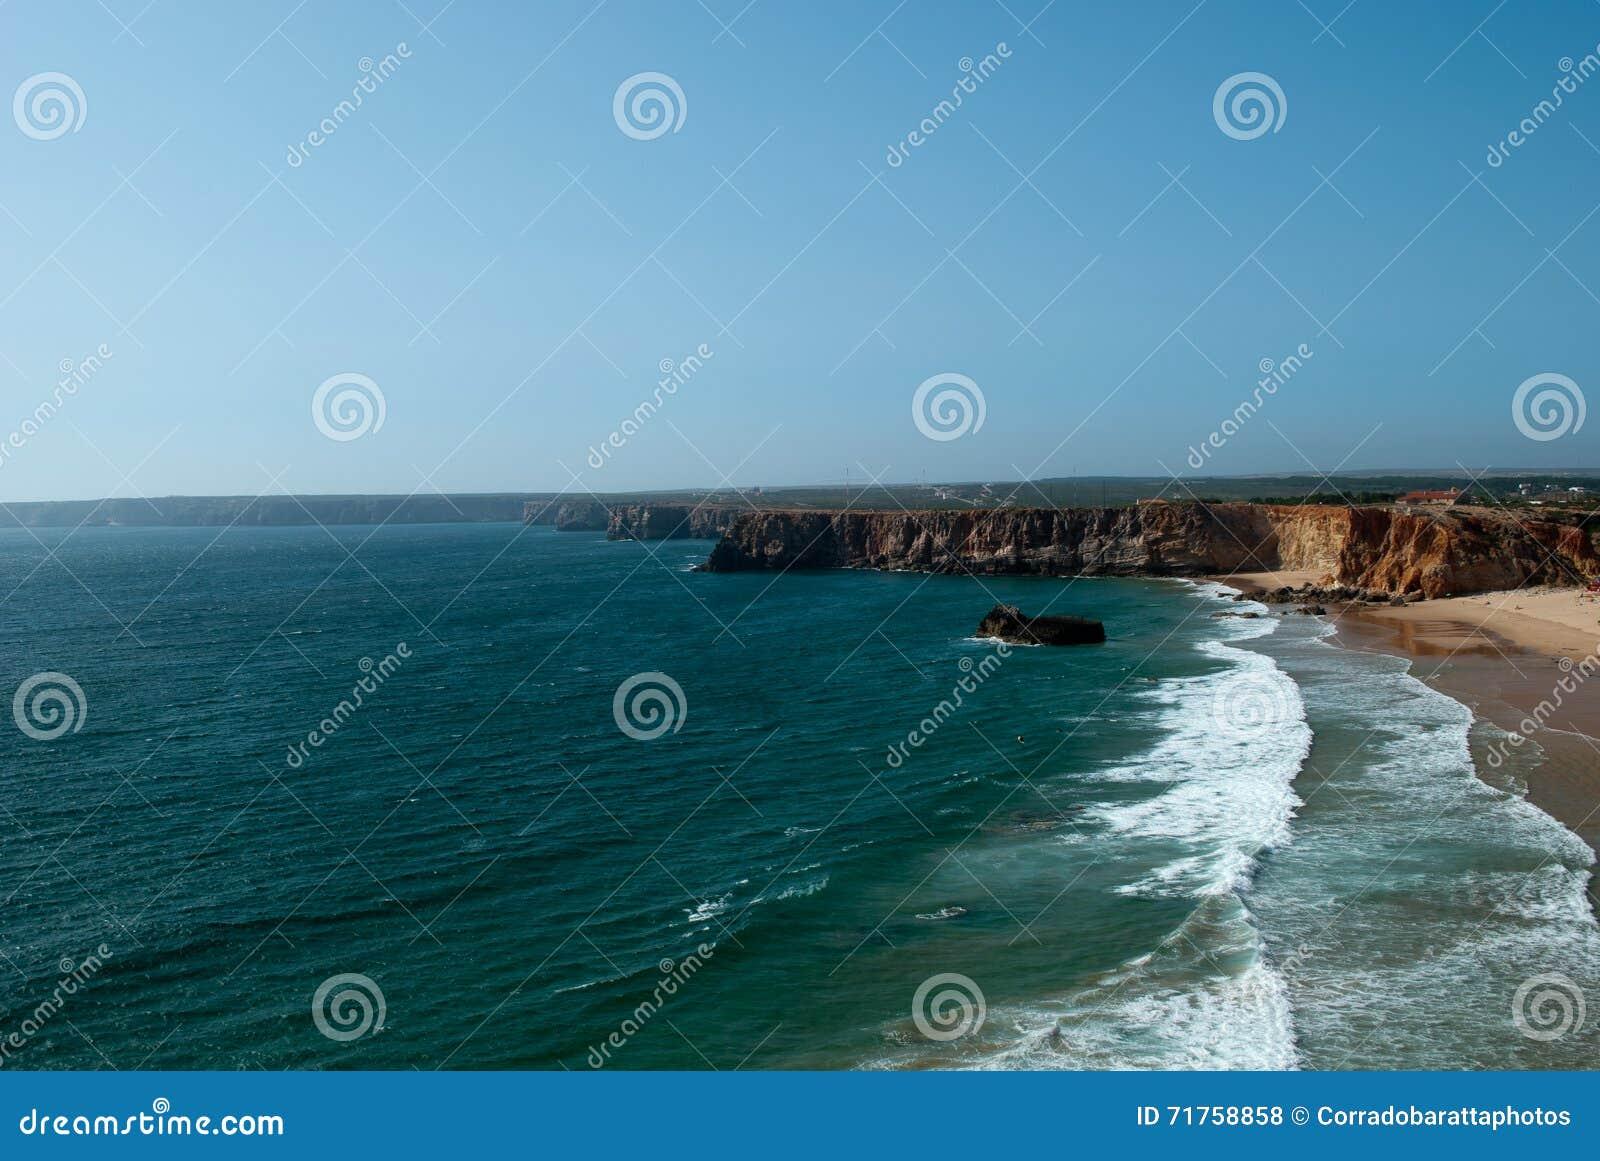 Τα κύματα του Ατλαντικού Ωκεανού στην ακτή της Πορτογαλίας